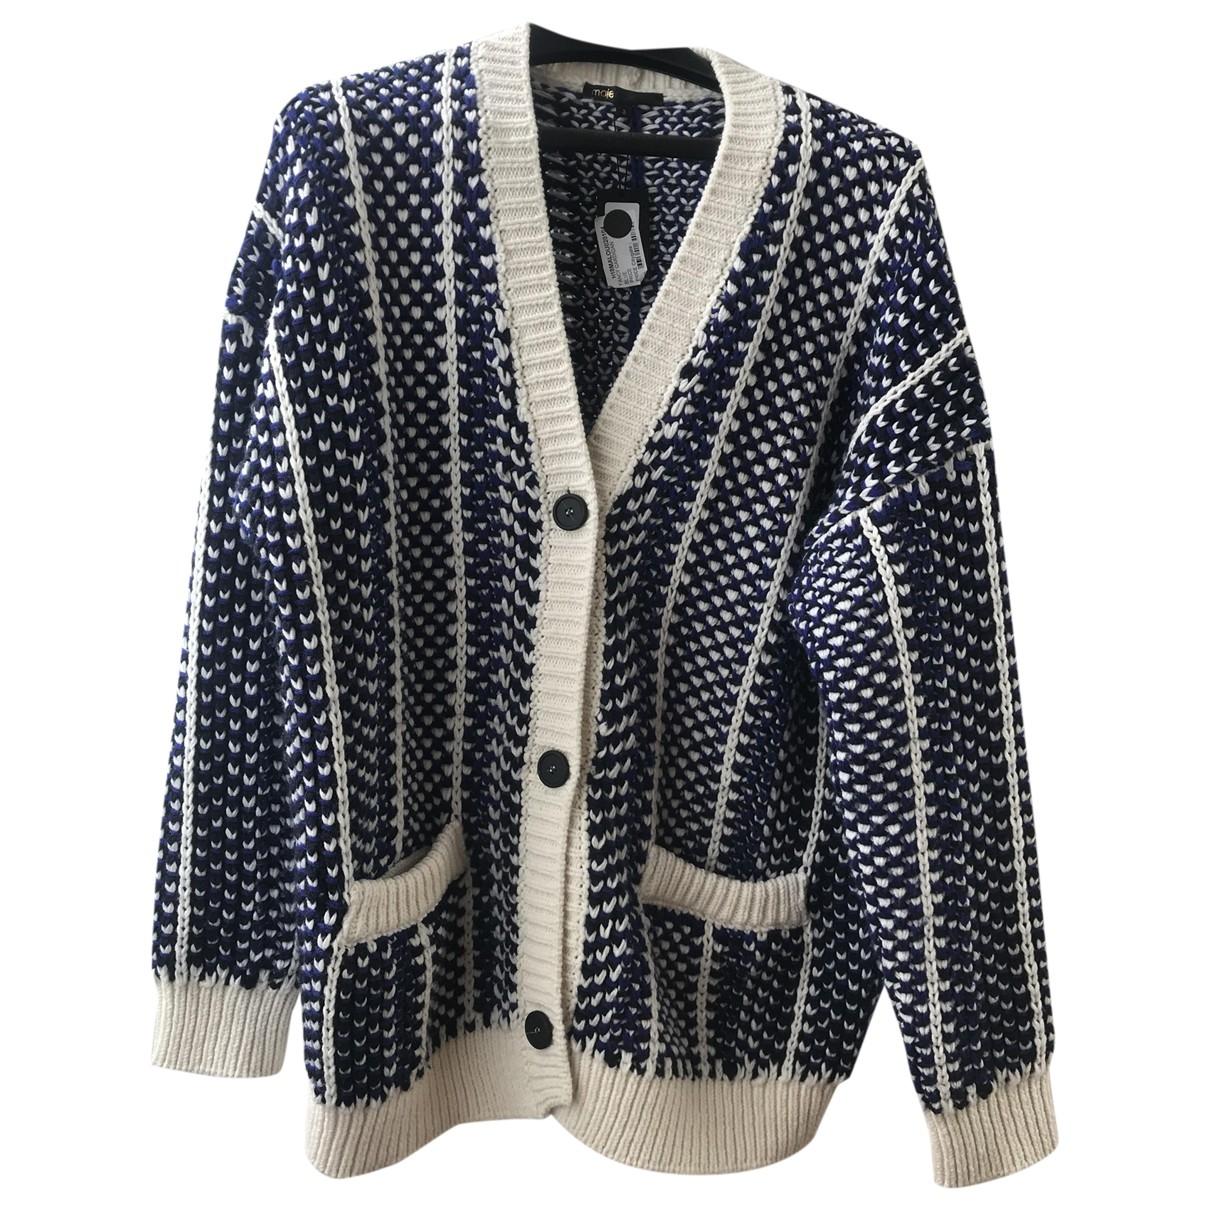 Maje - Pull Fall Winter 2019 pour femme en laine - bleu